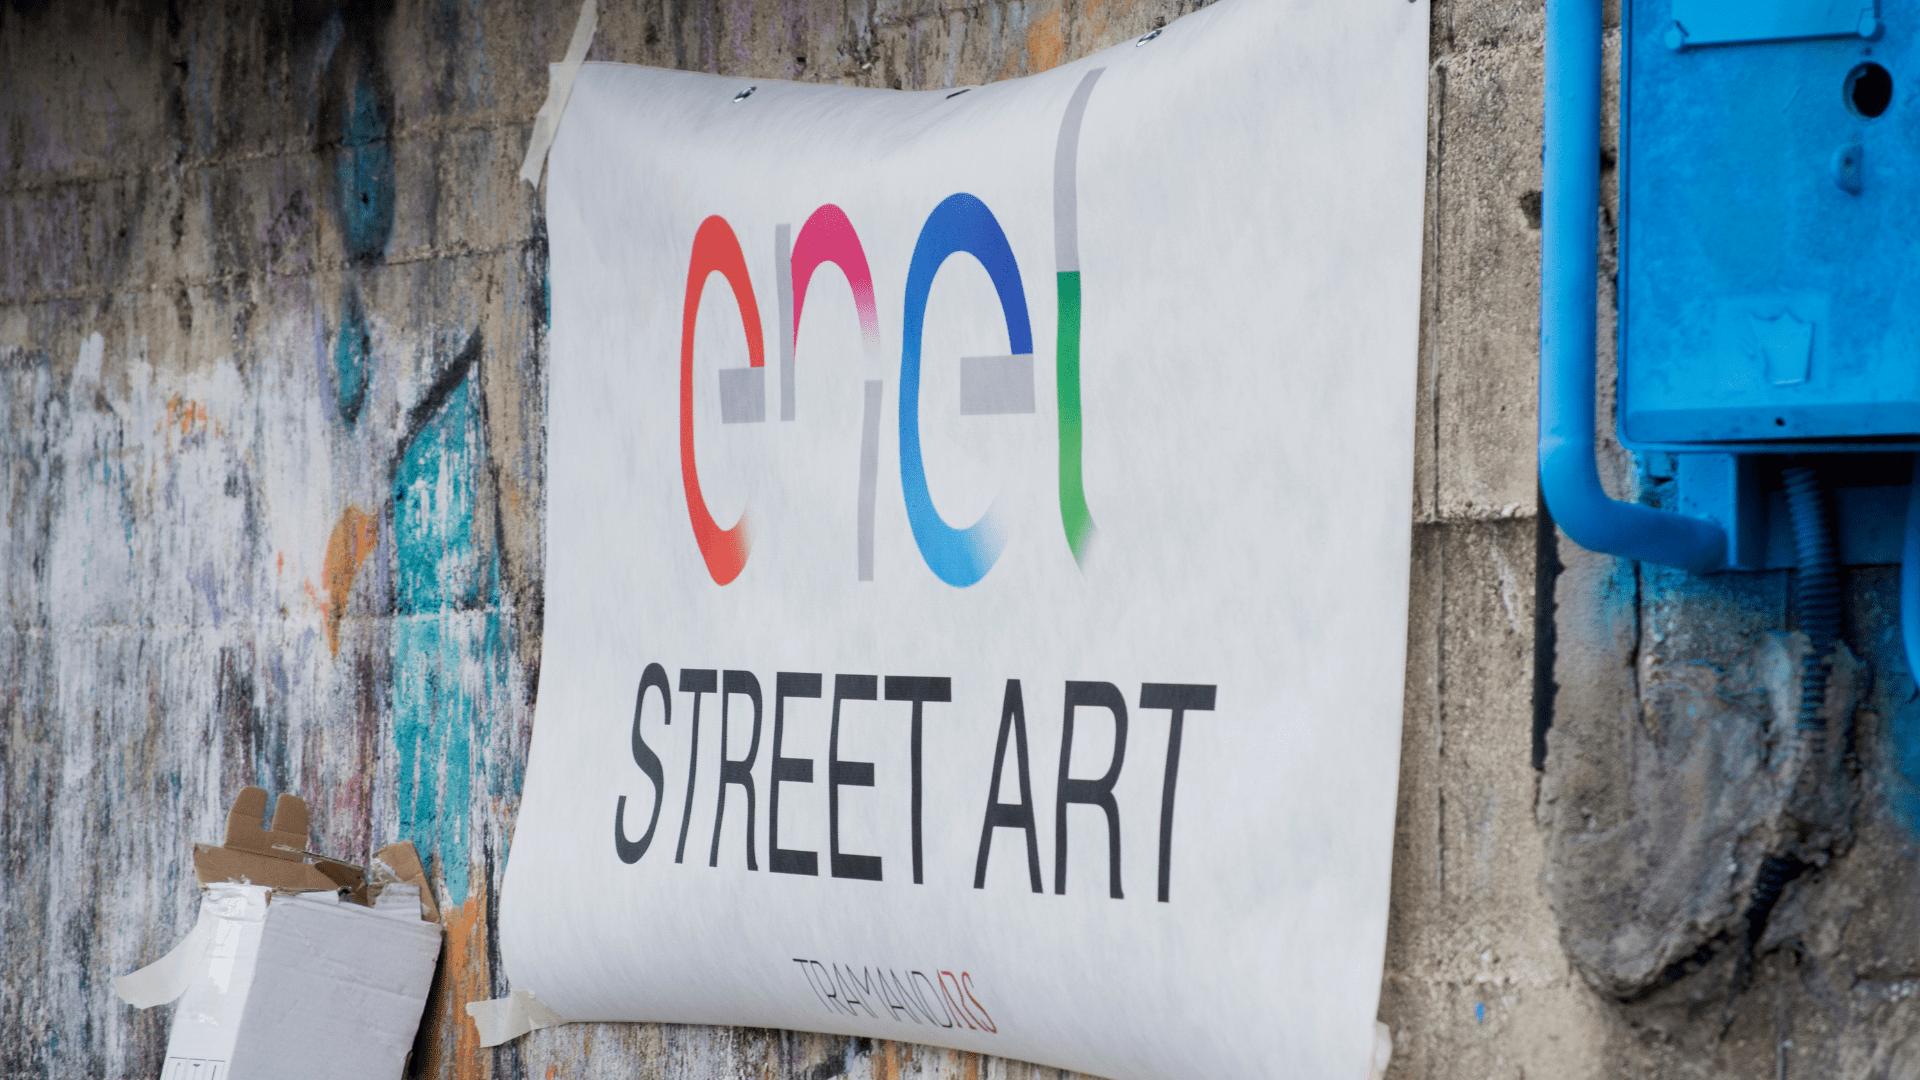 ENEL Street Art-min